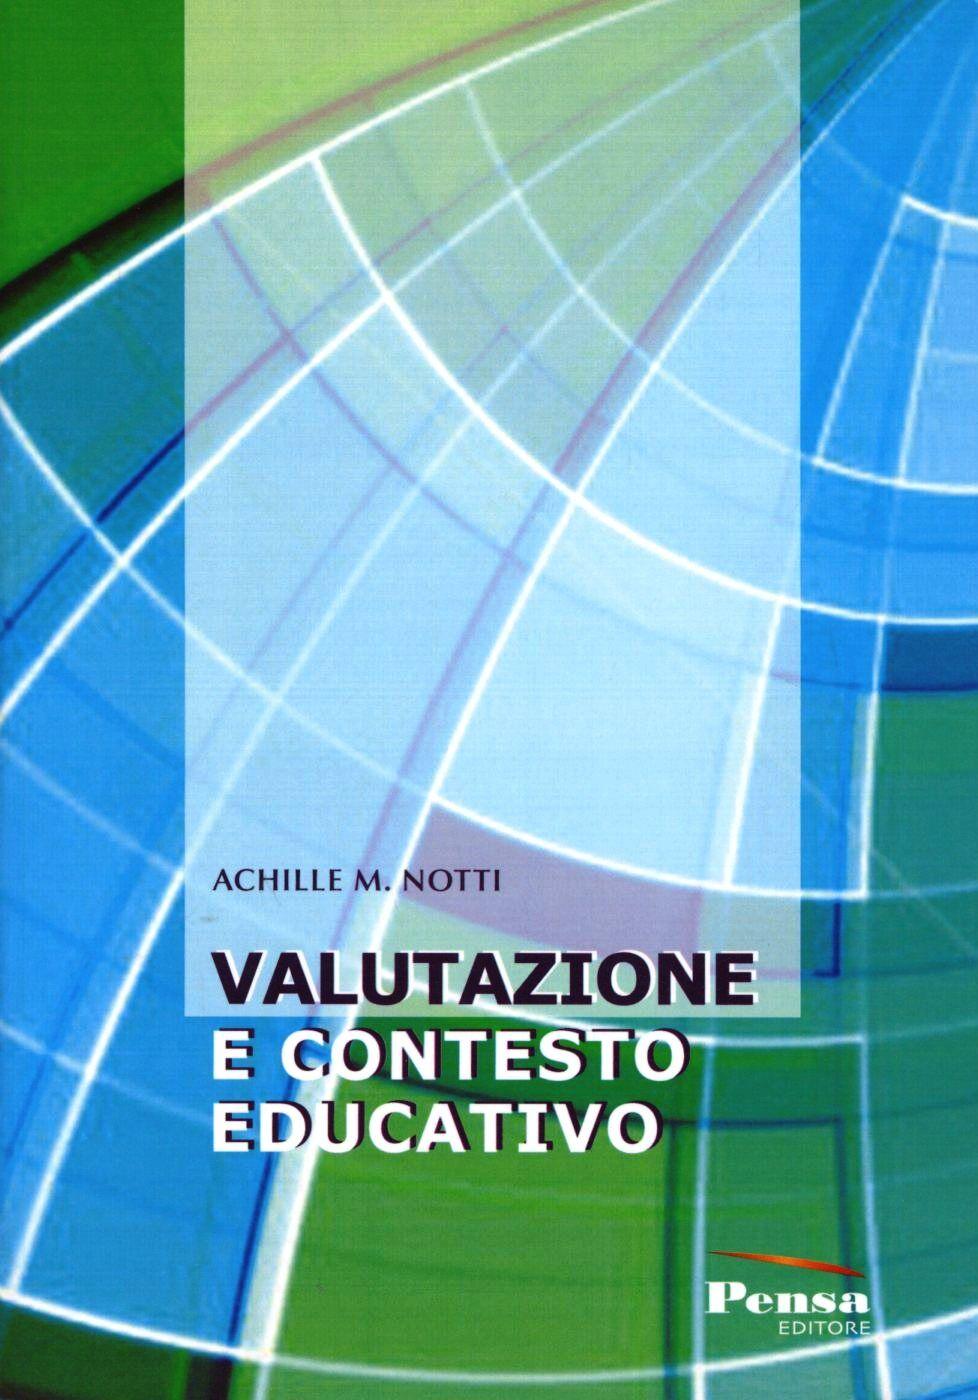 Valutazione e contesto educativo